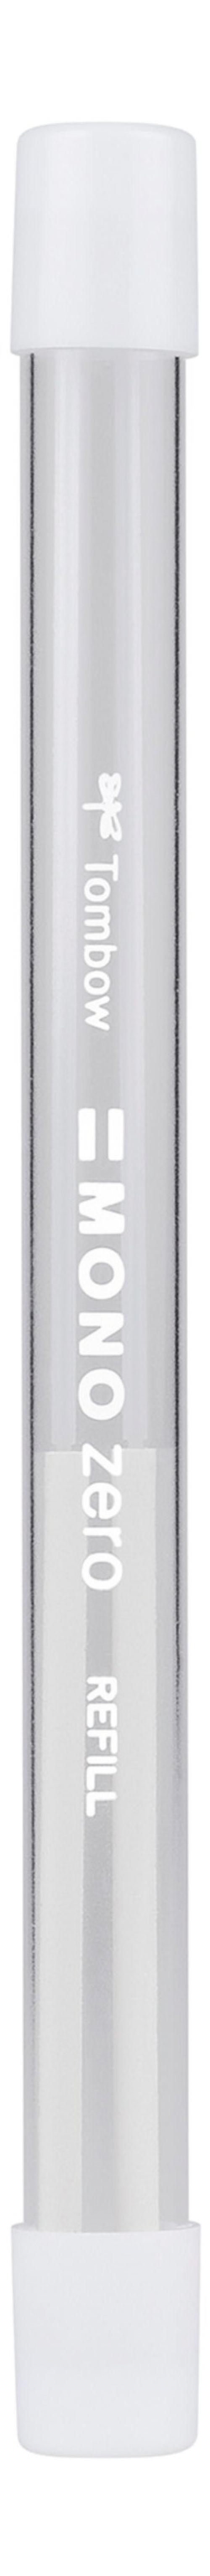 Tombow MONO Zero Refill for Round Tip Eraser White